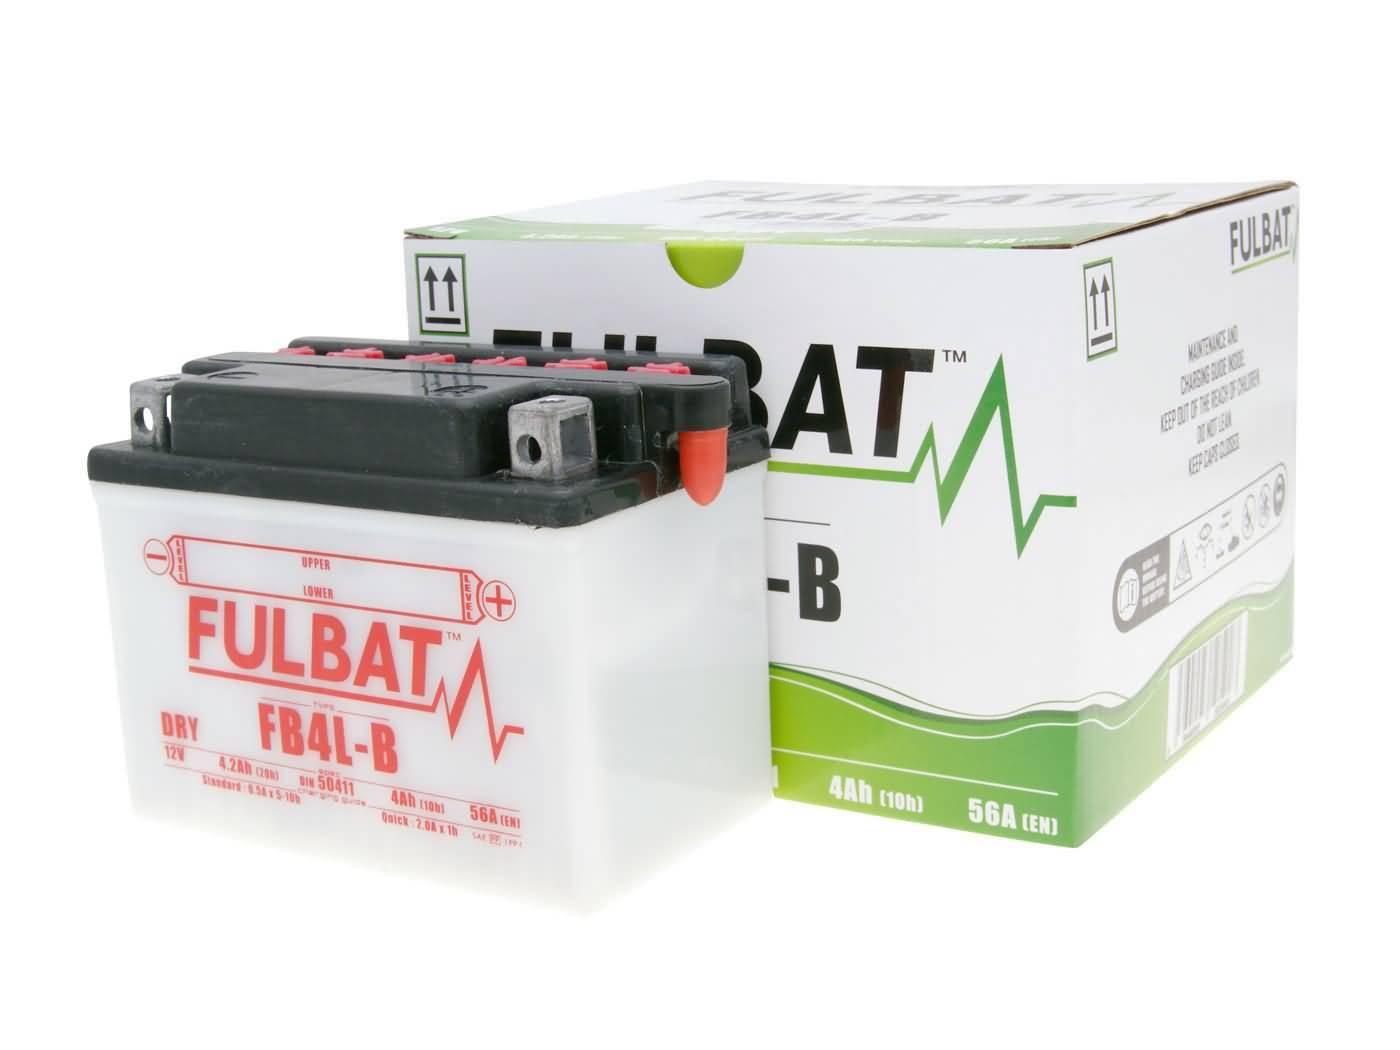 Fulbat FB4L-B DRY száraz akkumulátor + savcsomag